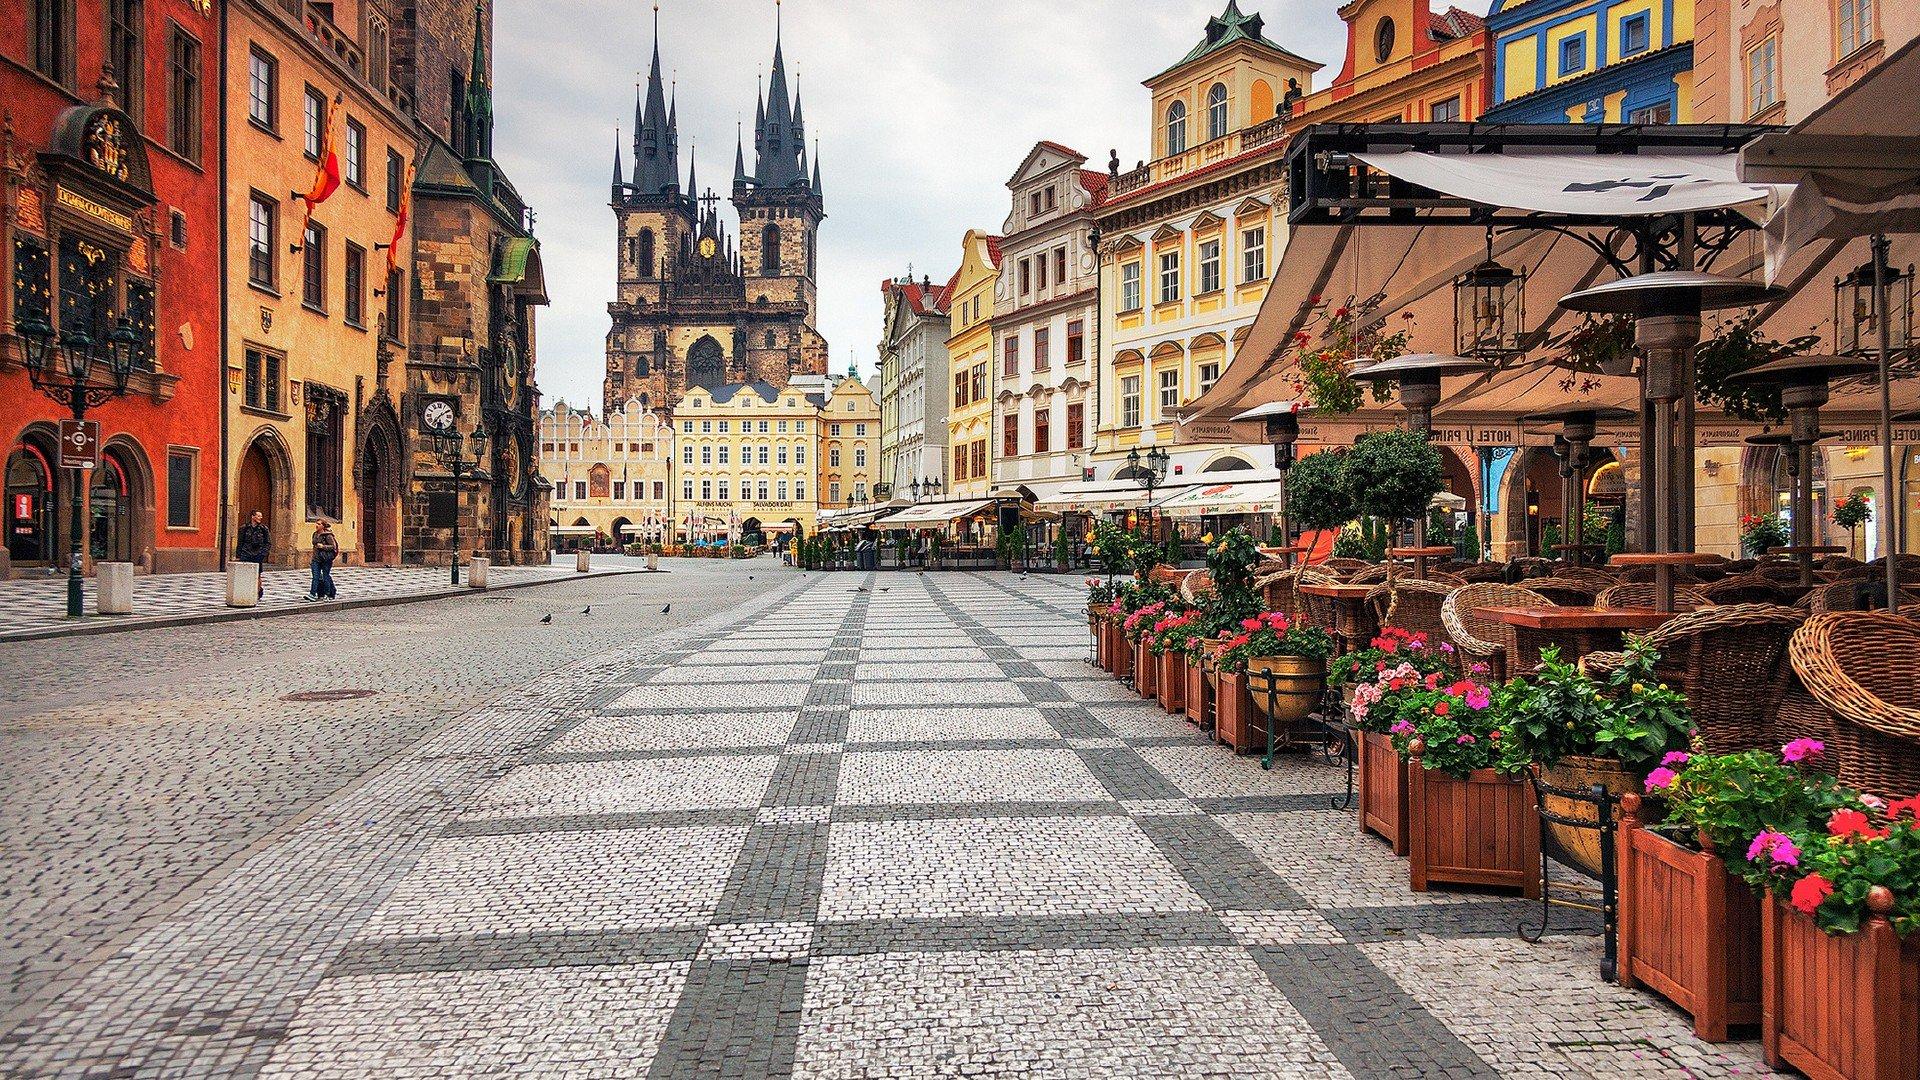 Чехия, Прага, цены на недвижимость, стоимость жилья